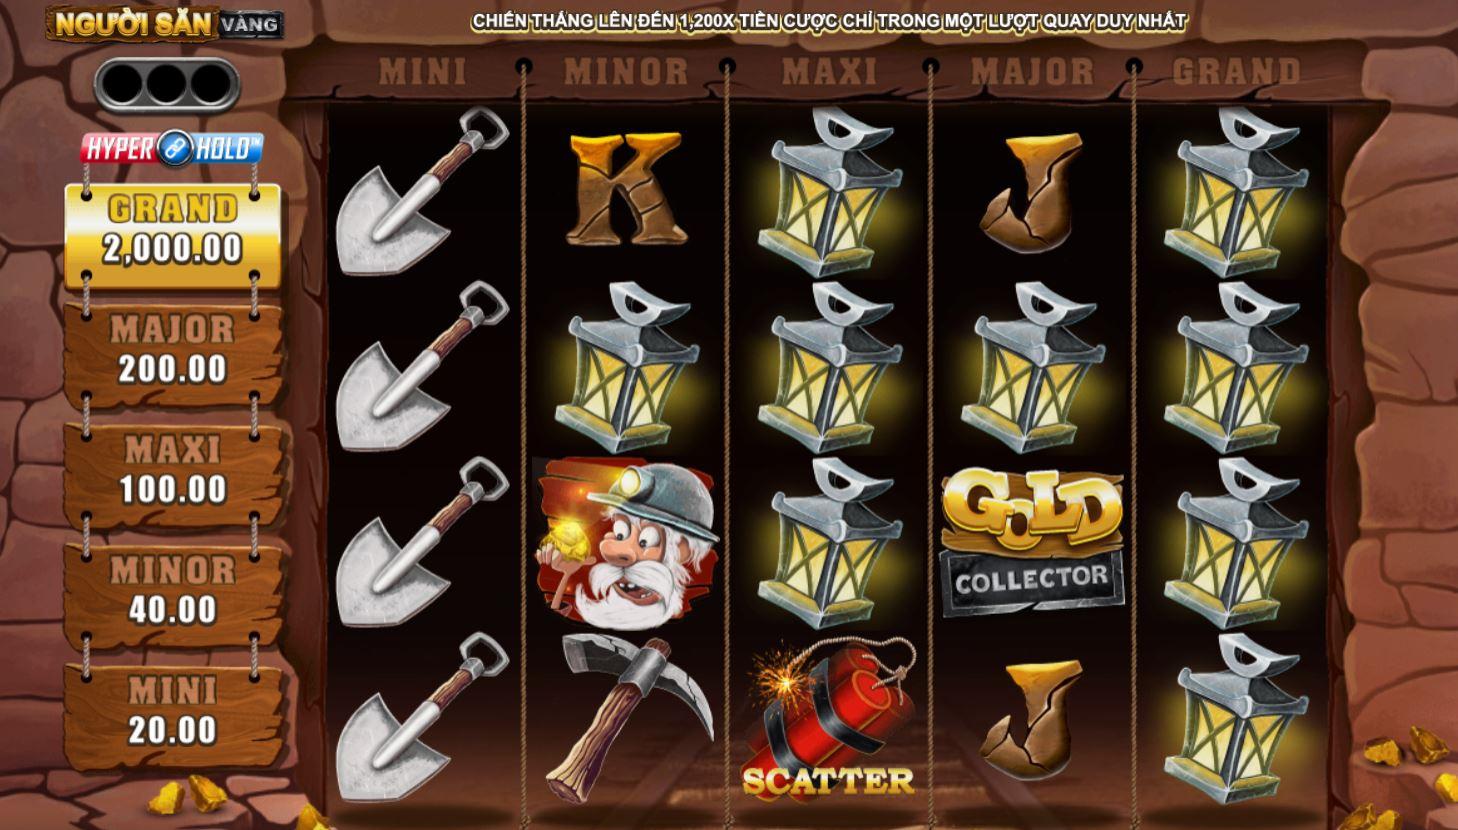 Hướng dẫn cách chơi game quay hũ Gold Collector - Thợ săn vàng